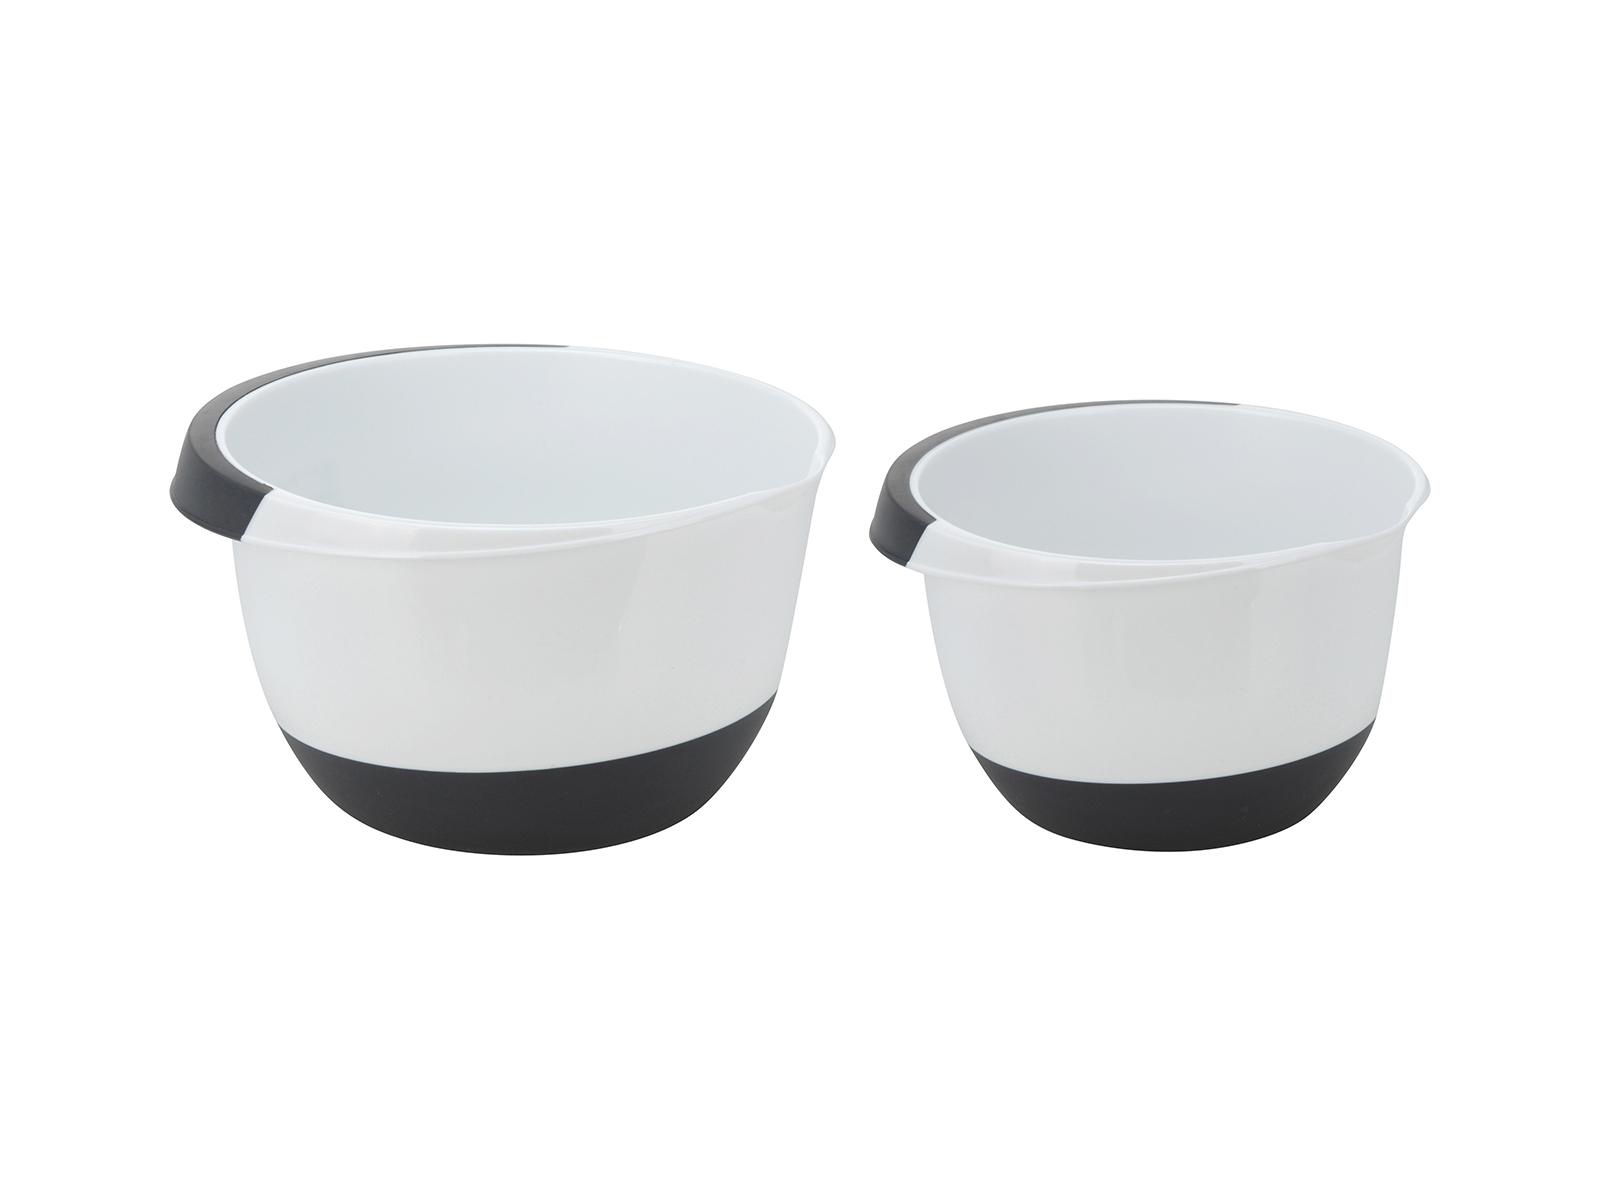 Чаши Cucina ModernaАксессуары для кухни<br>Набор кухонных чаш для смешивания. Объем: 2л., 3,5л.<br>